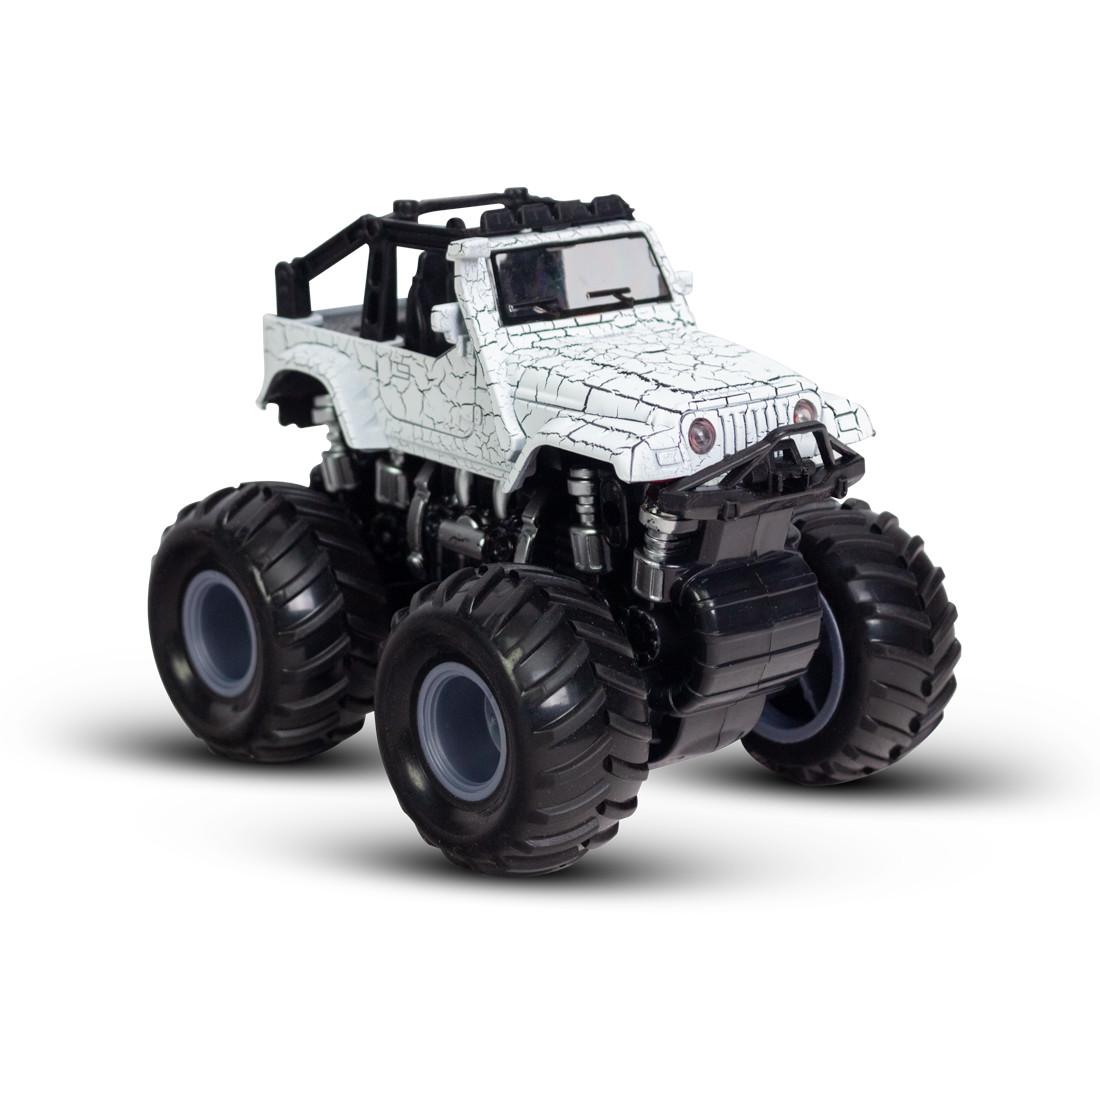 Инерционный внедорожник 12см, X Game kids, X7654, Серия OFF-ROAD, Открытая упаковка, Белый кузов, Цветная